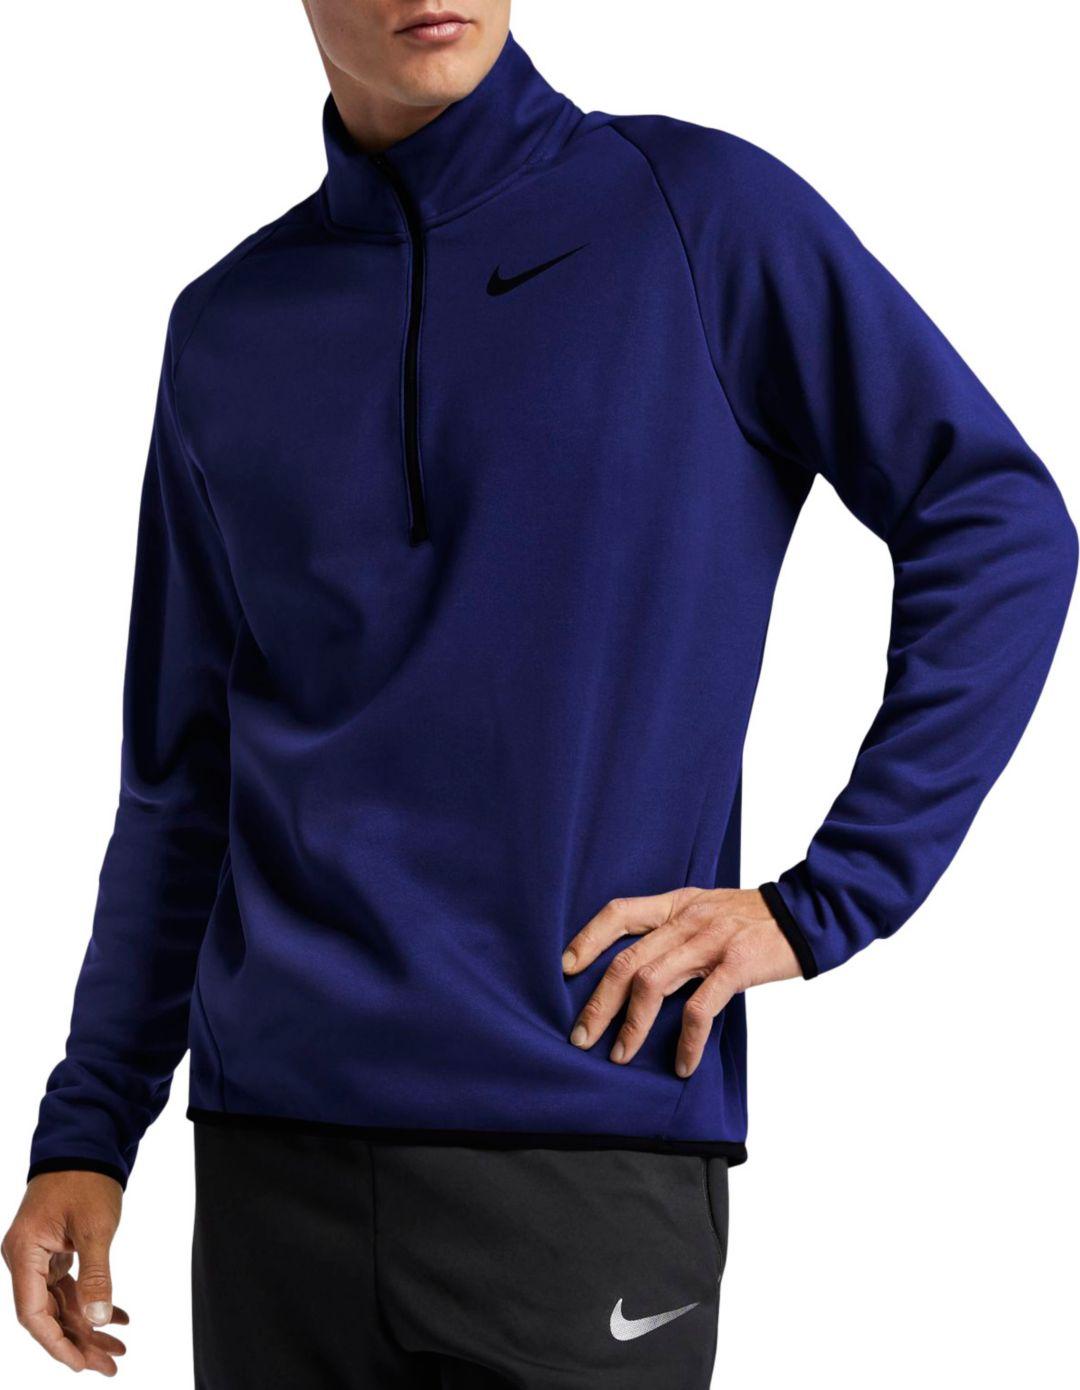 8b3c0a287 Nike Men's Therma 1/4 Zip Fleece Pullover   DICK'S Sporting Goods